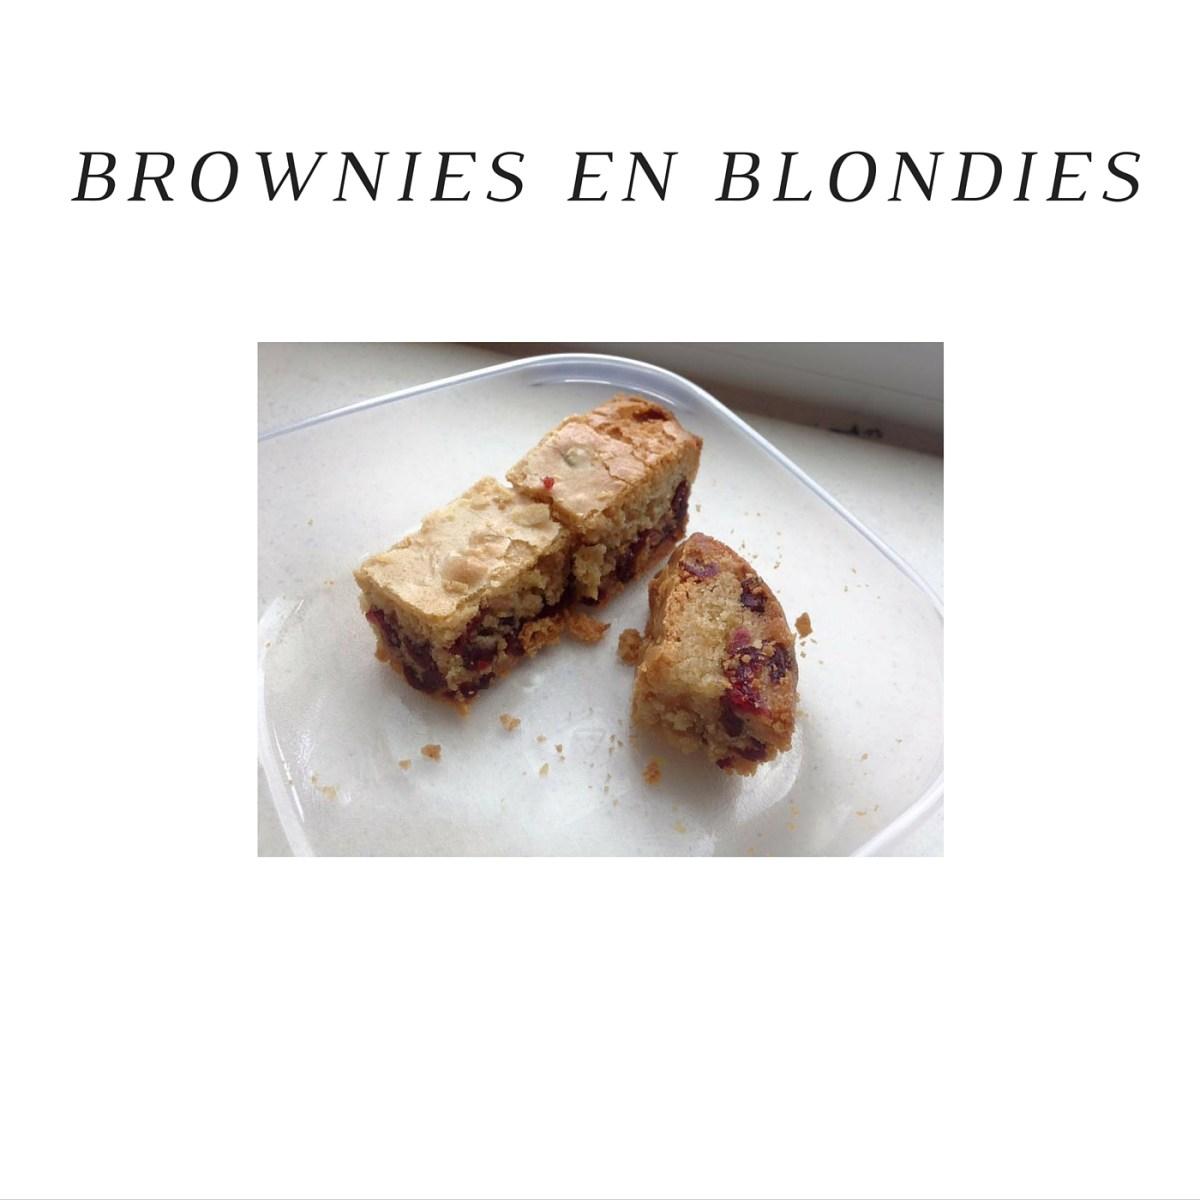 Brownies en Blondies